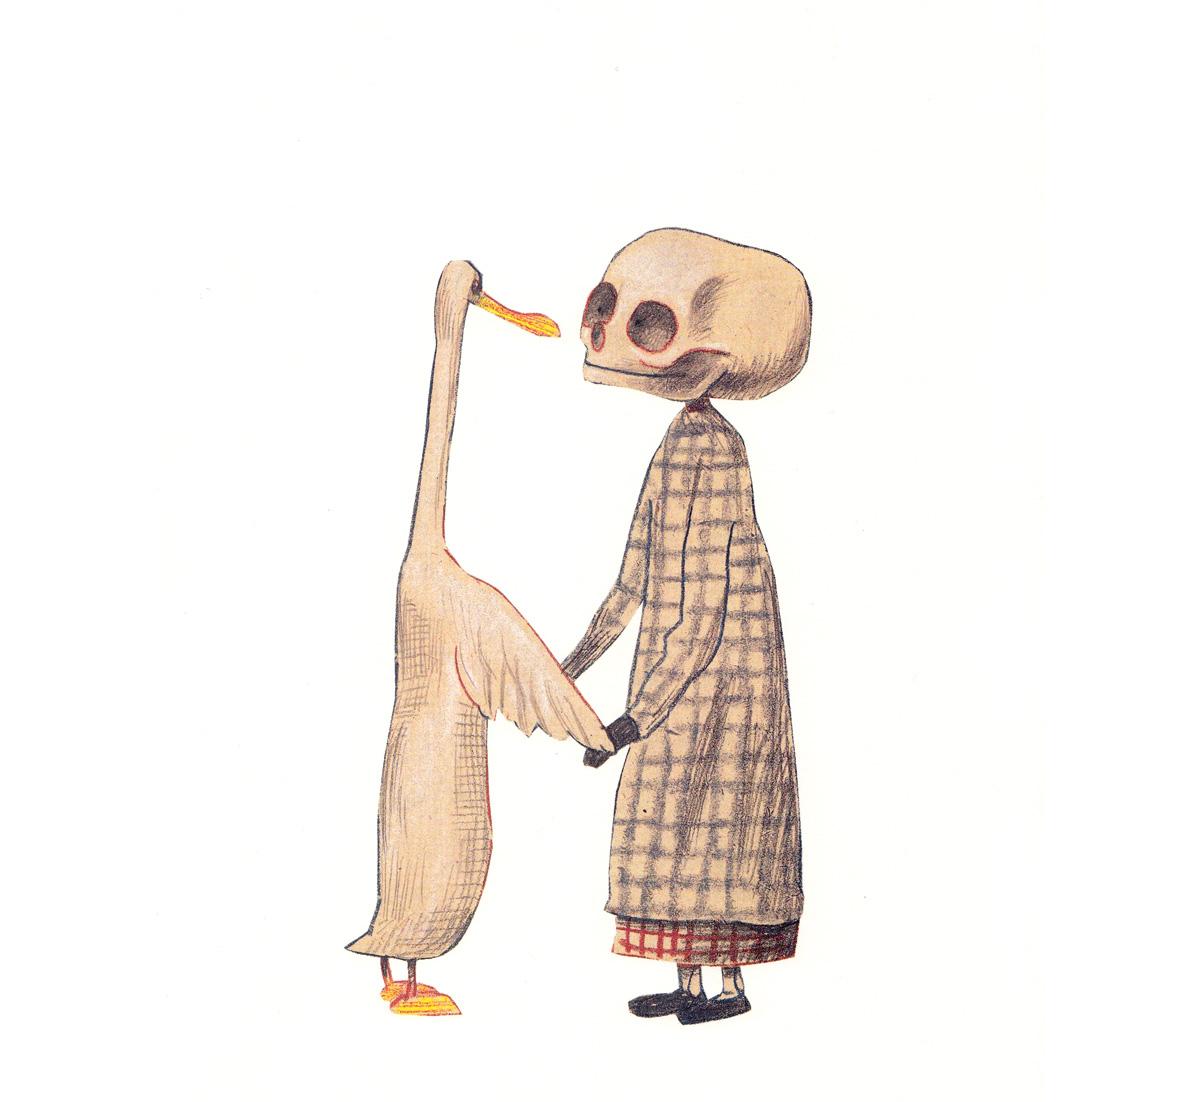 duckdeathandthetulip9.jpg